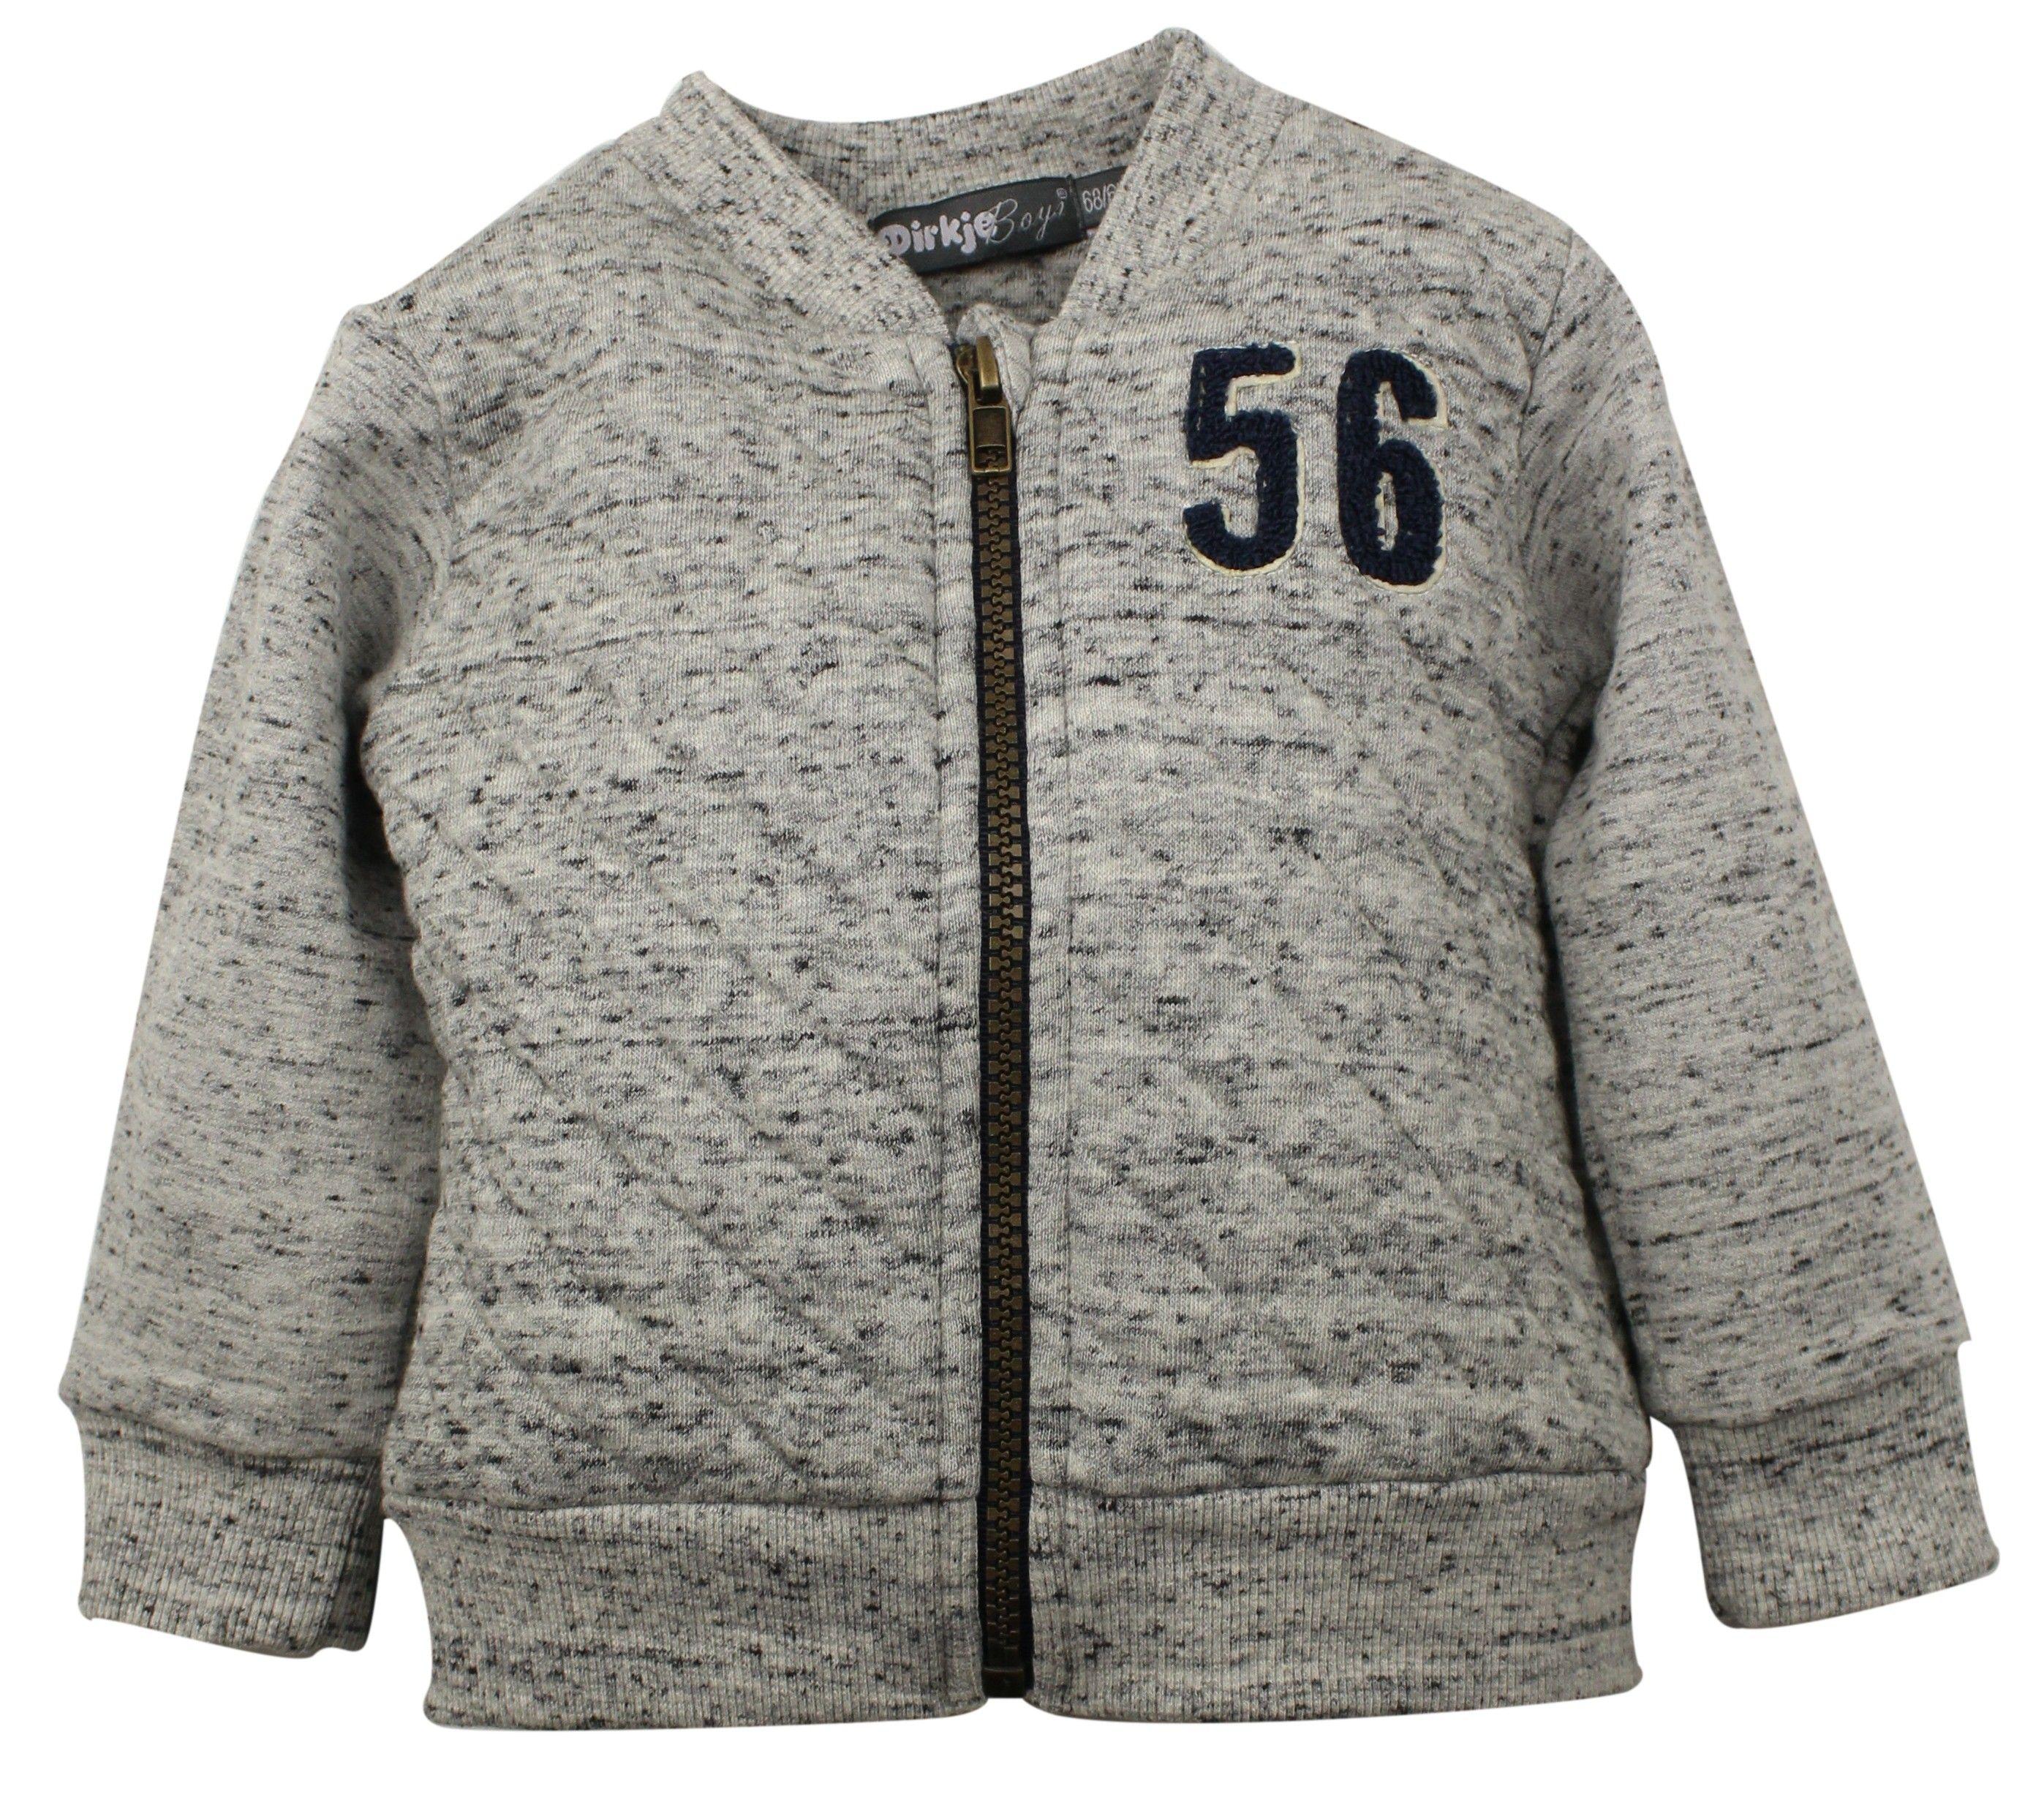 Jongens jogging trouser 56 van het merk Dirkje Dit is een licht grijze jogging vest zonder capuchon met blauwe vlekjes in. De vest is voorzien van een rist sluiting.